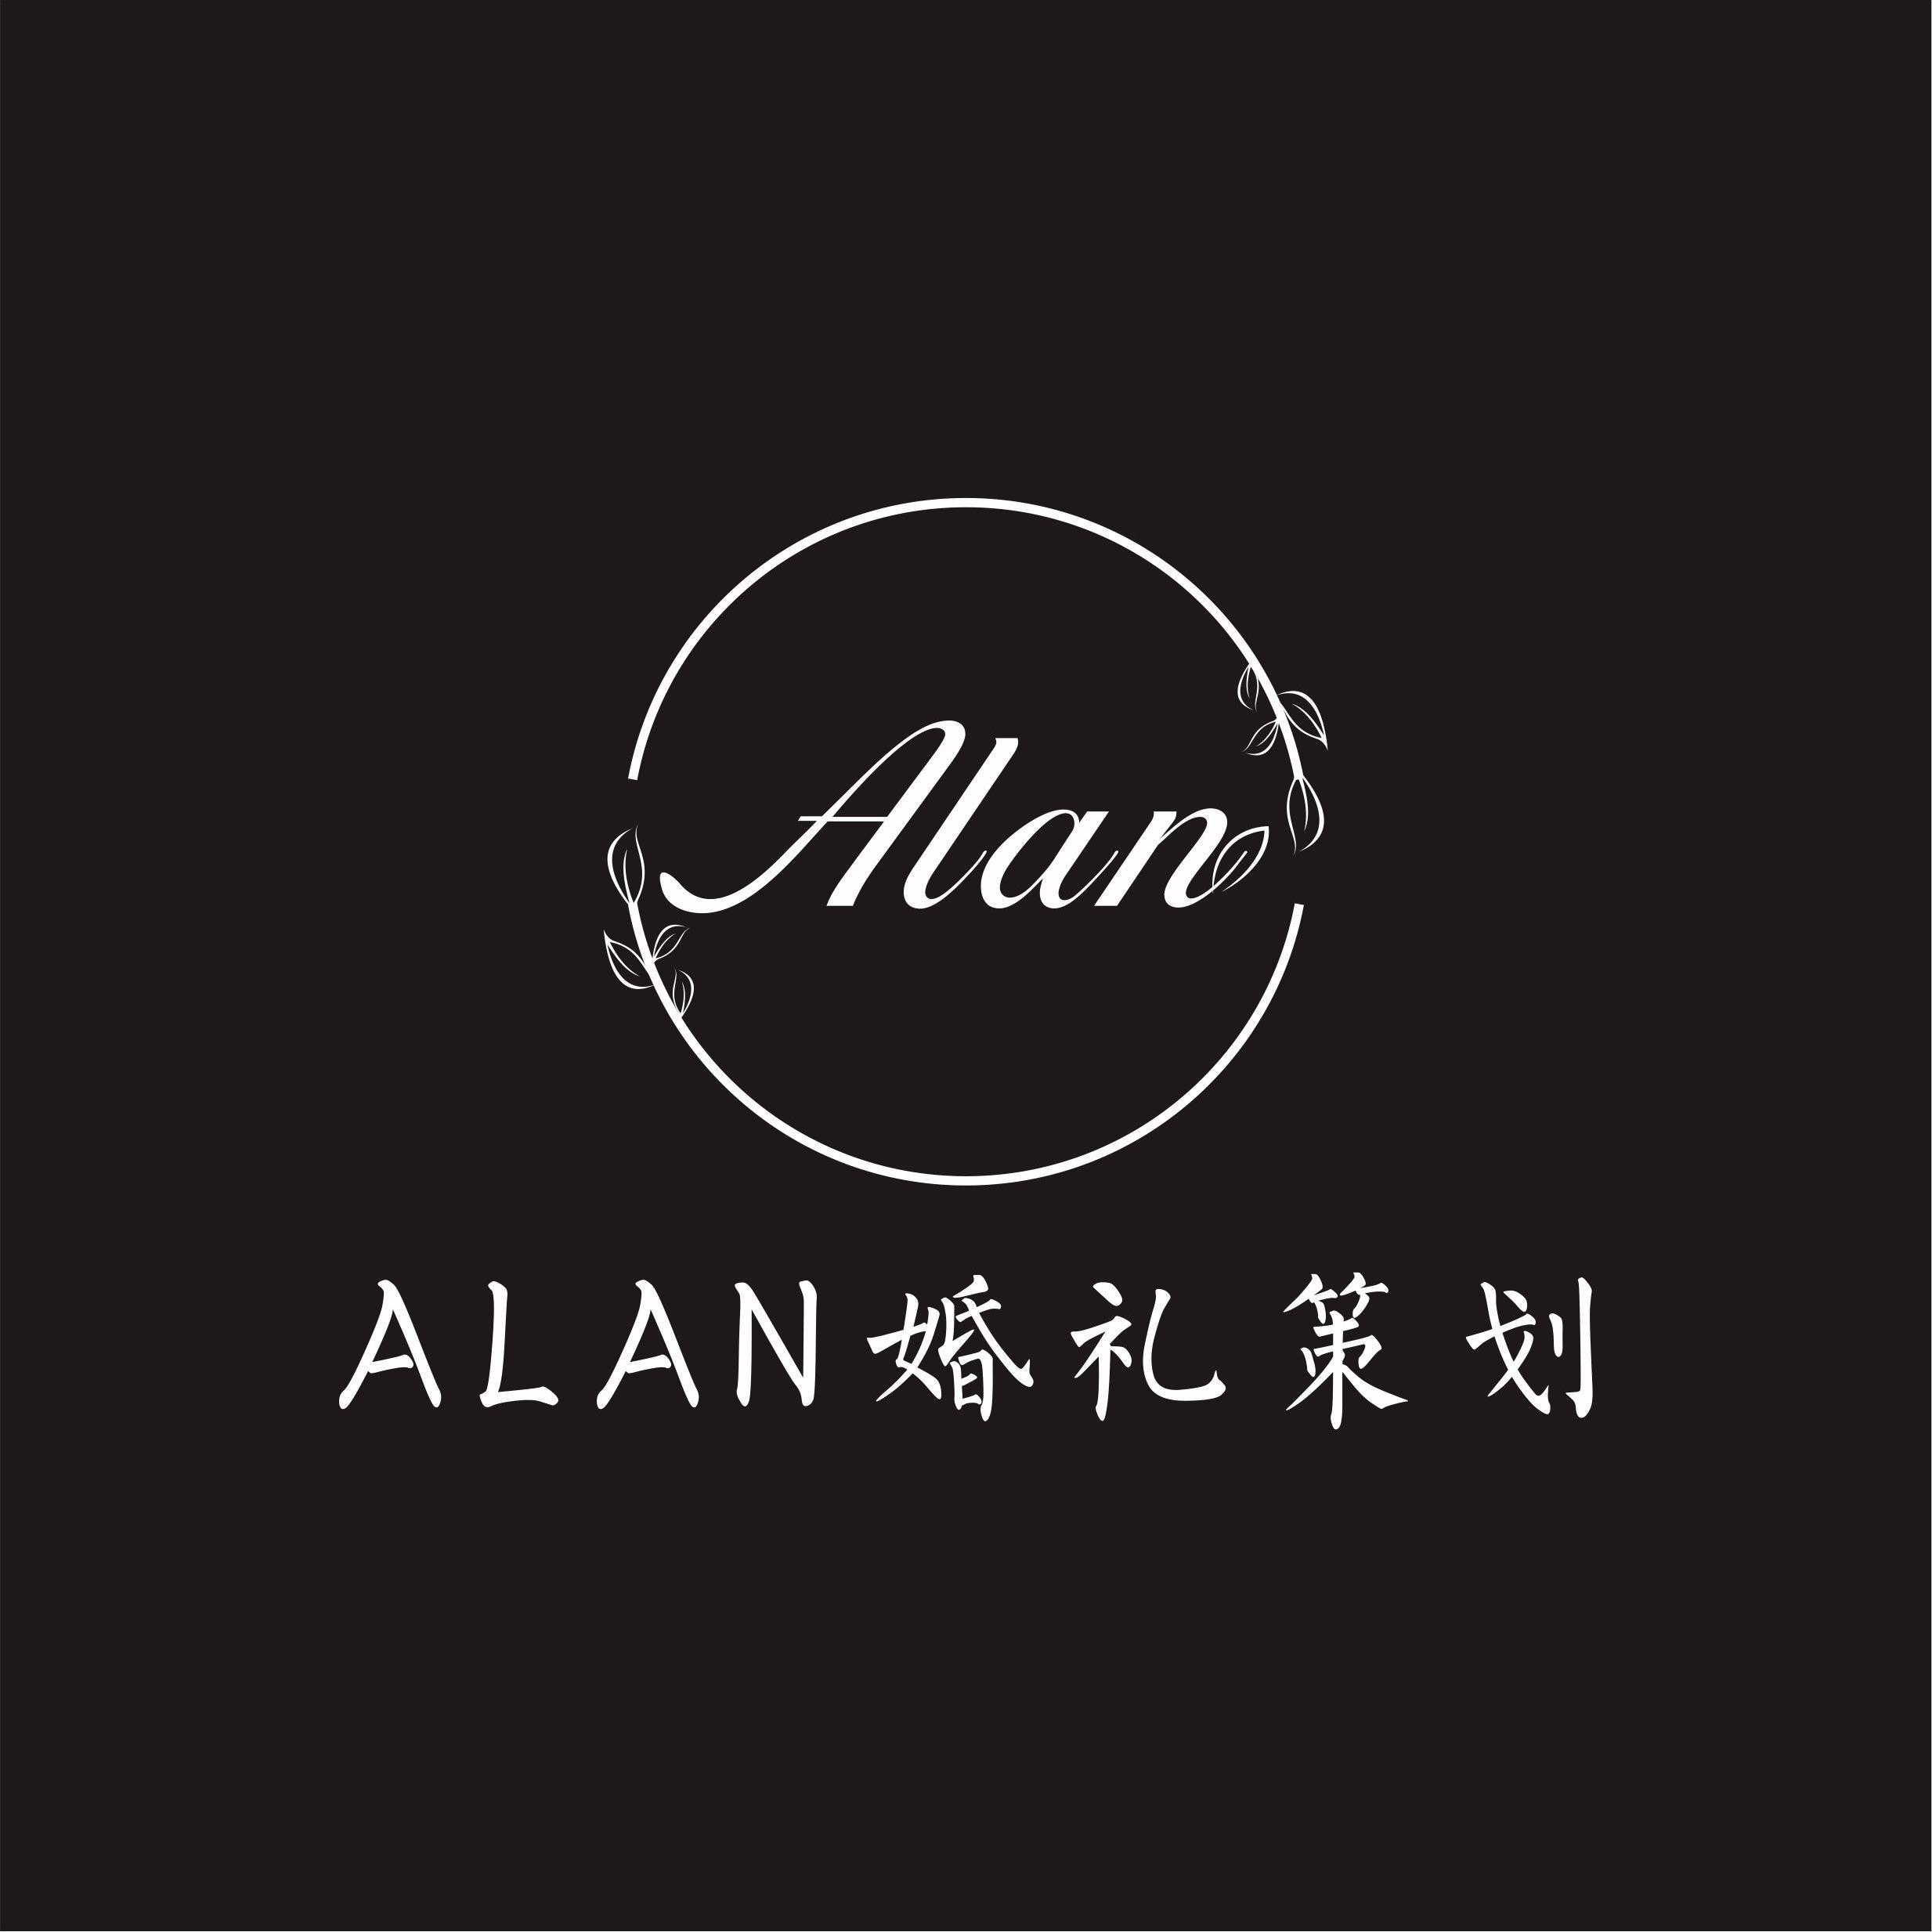 ALAN婚礼策划(宁波总店)